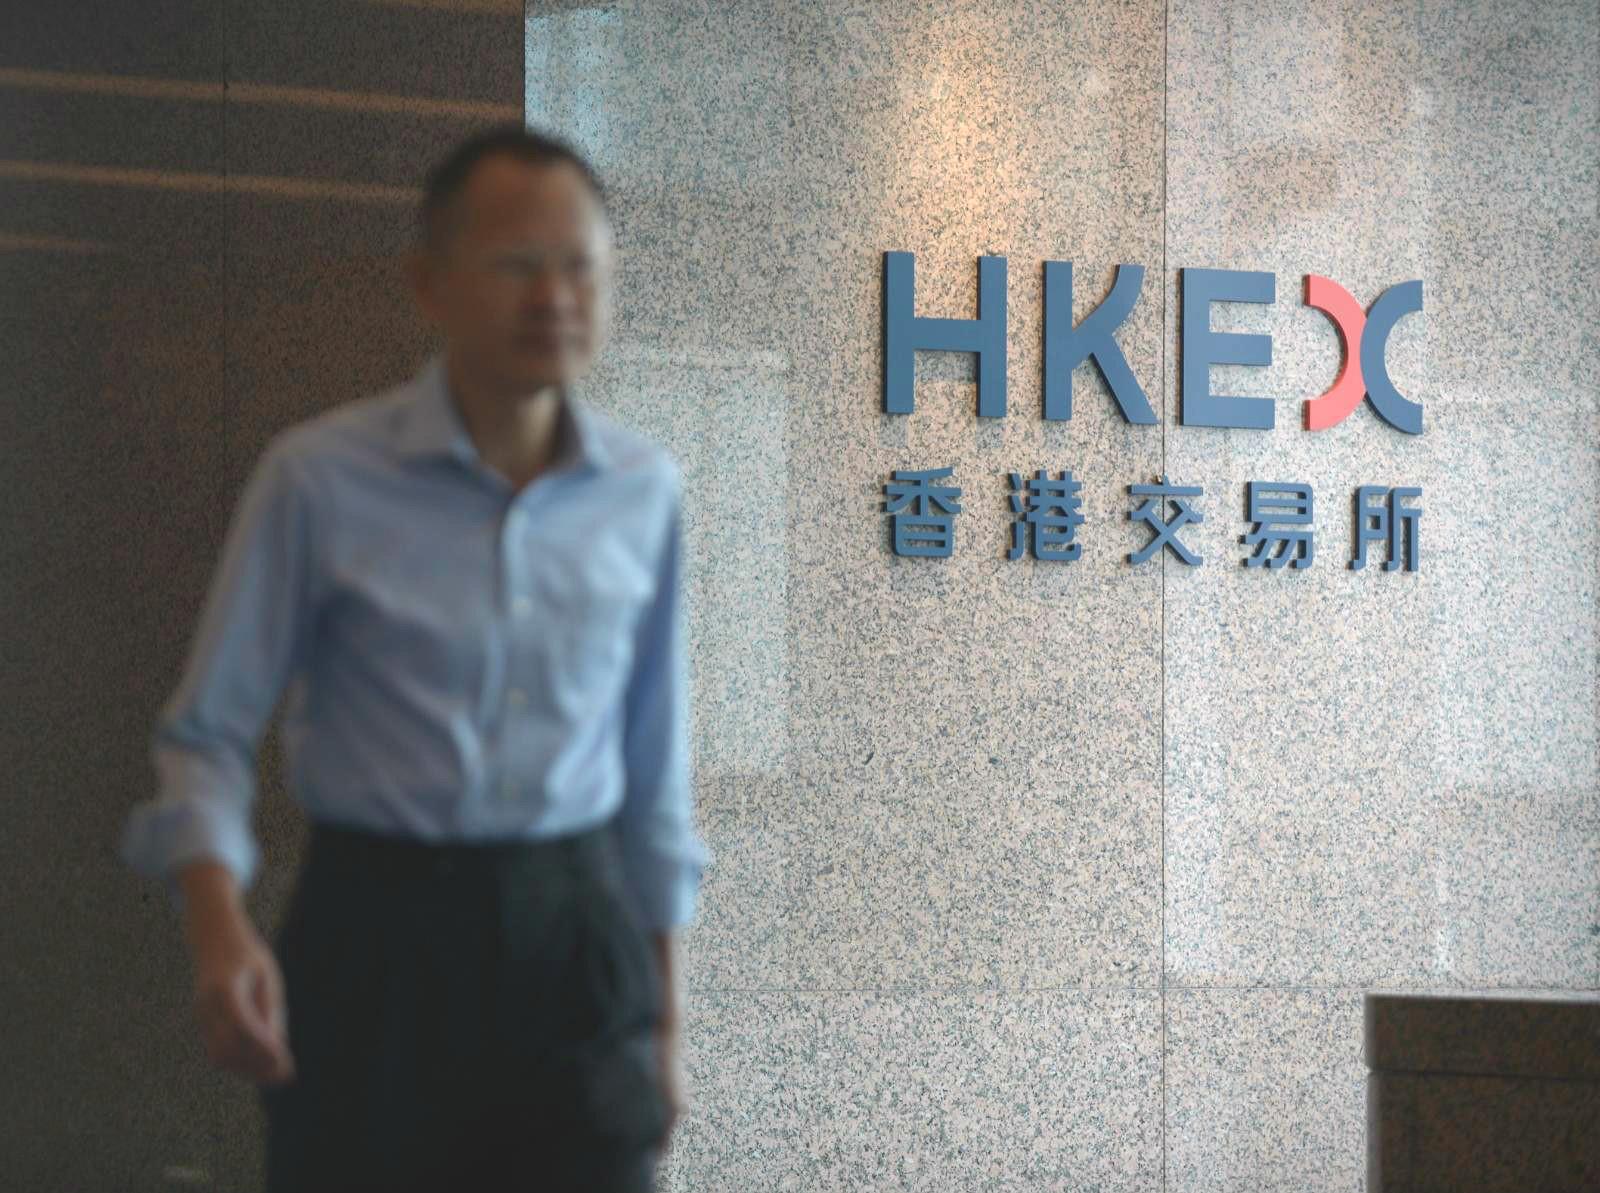 香港交易所初步調查所得是供應商軟件出問題。